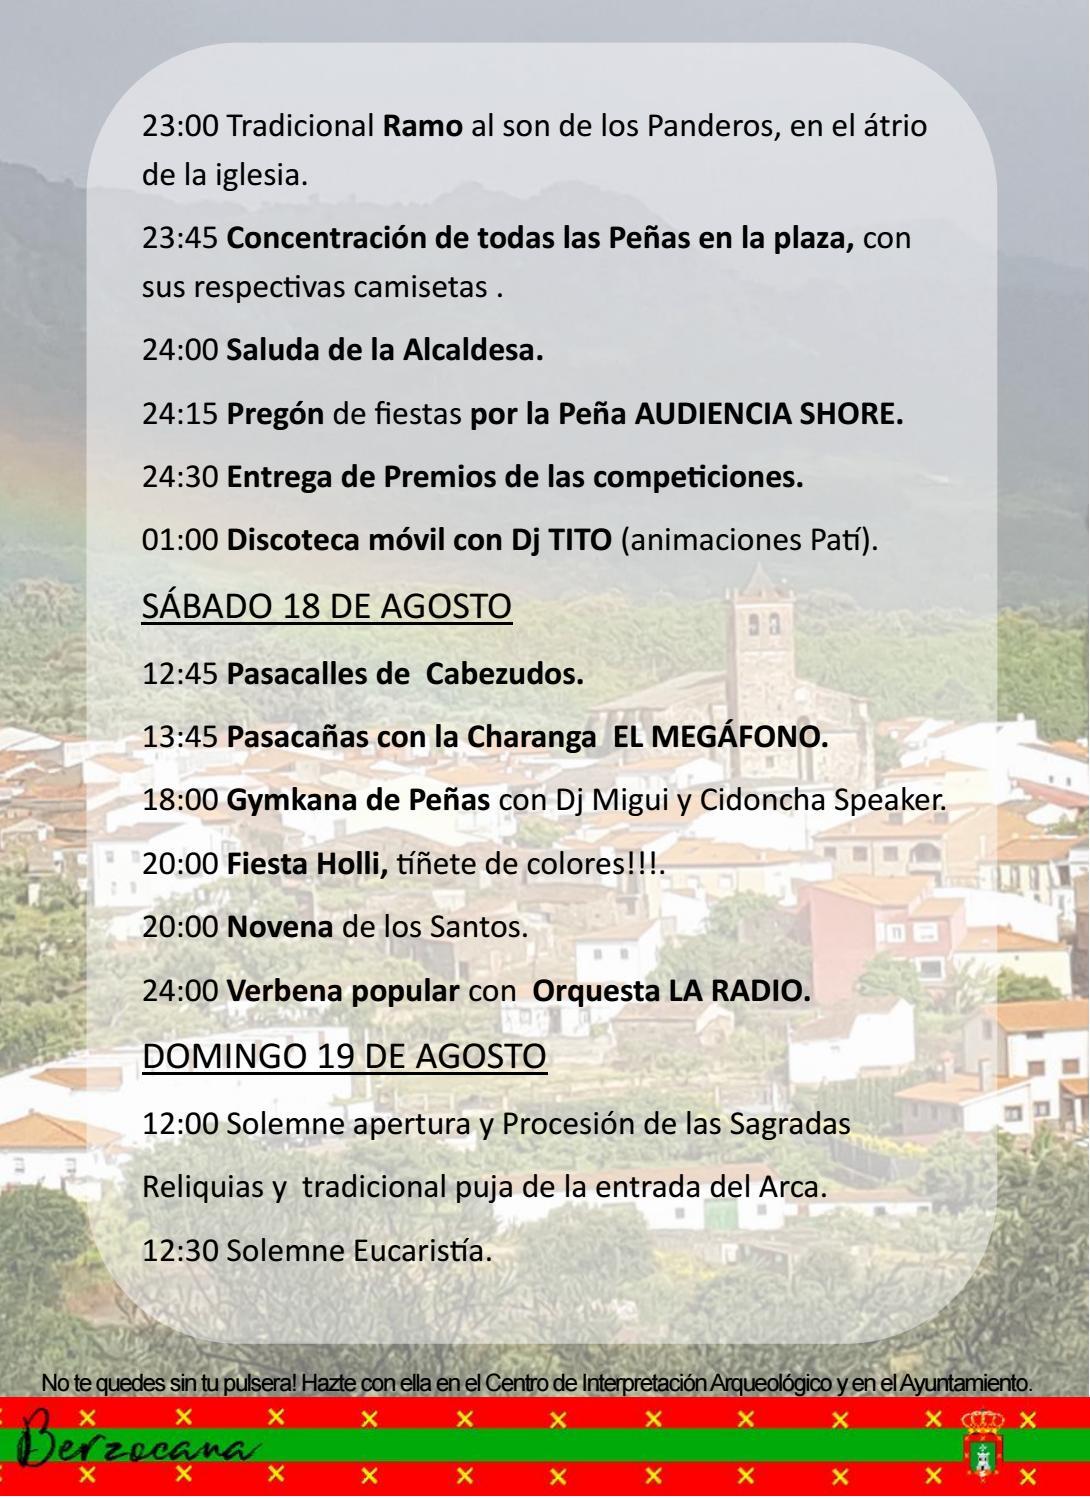 Programa de fiestas en honor a San Fulgencio y Santa Florentina 2018 - Berzocana 7